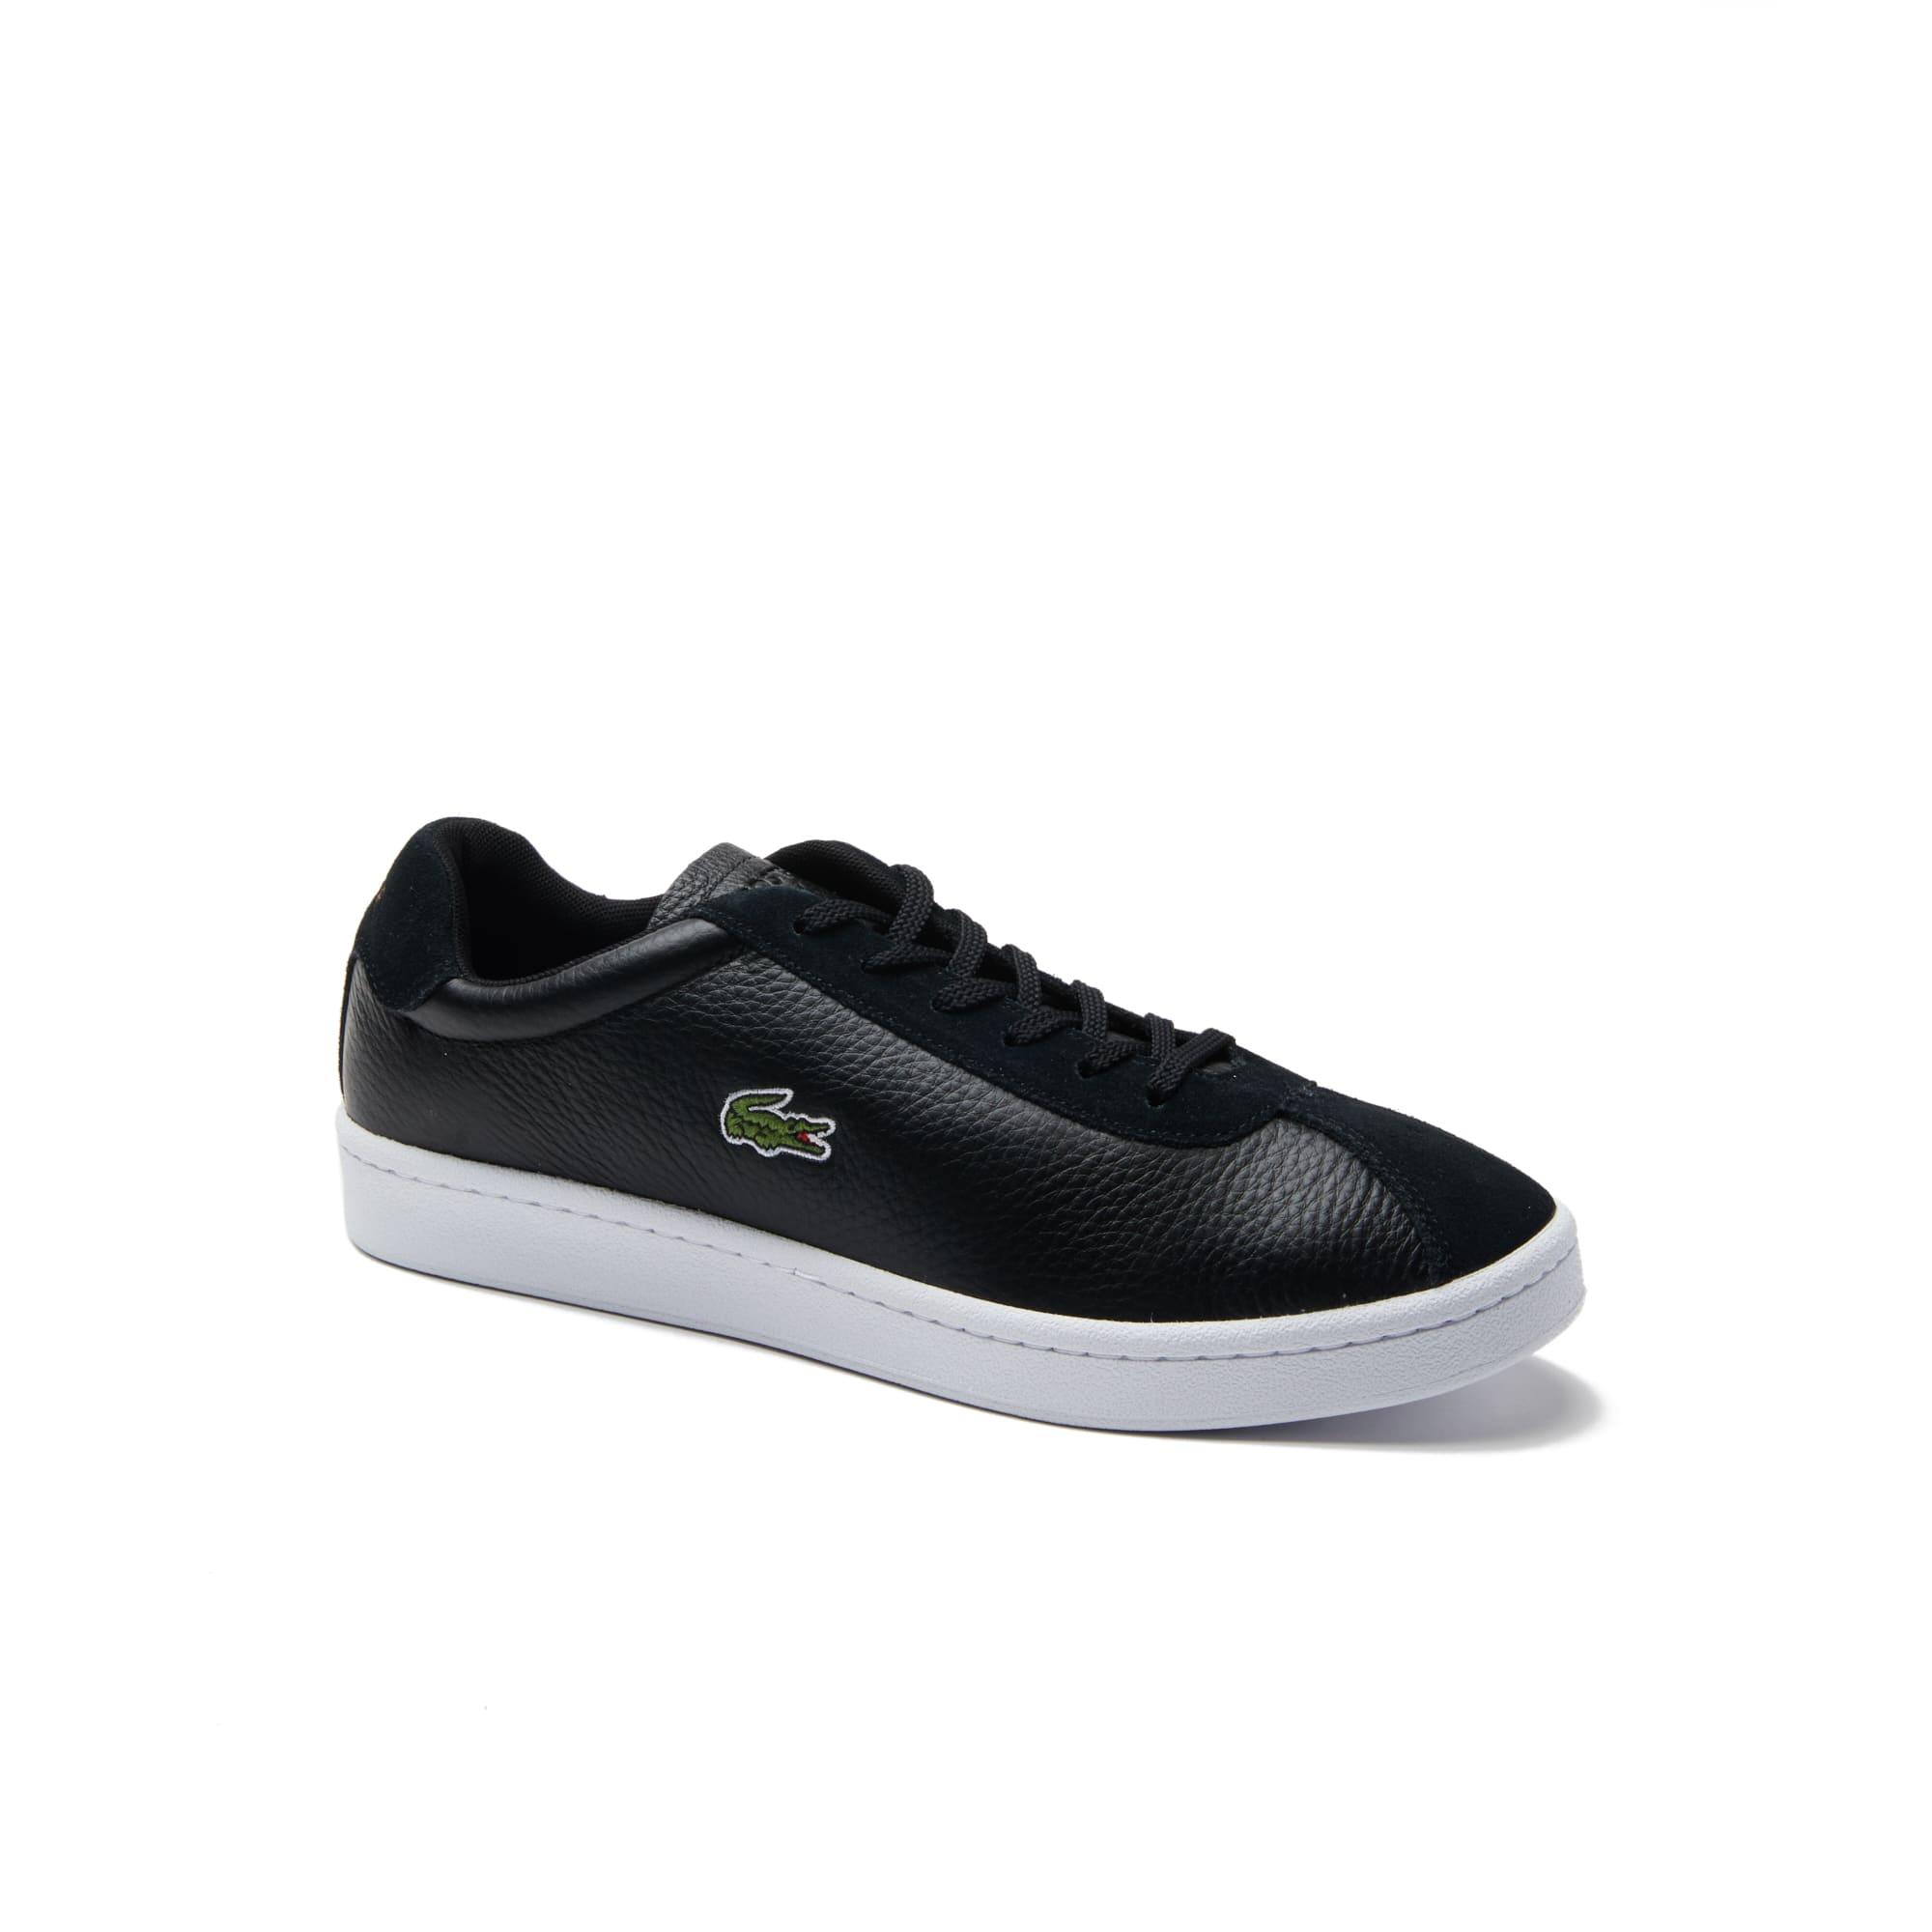 512606651ac Men's Shoes | Shoes for Men | LACOSTE